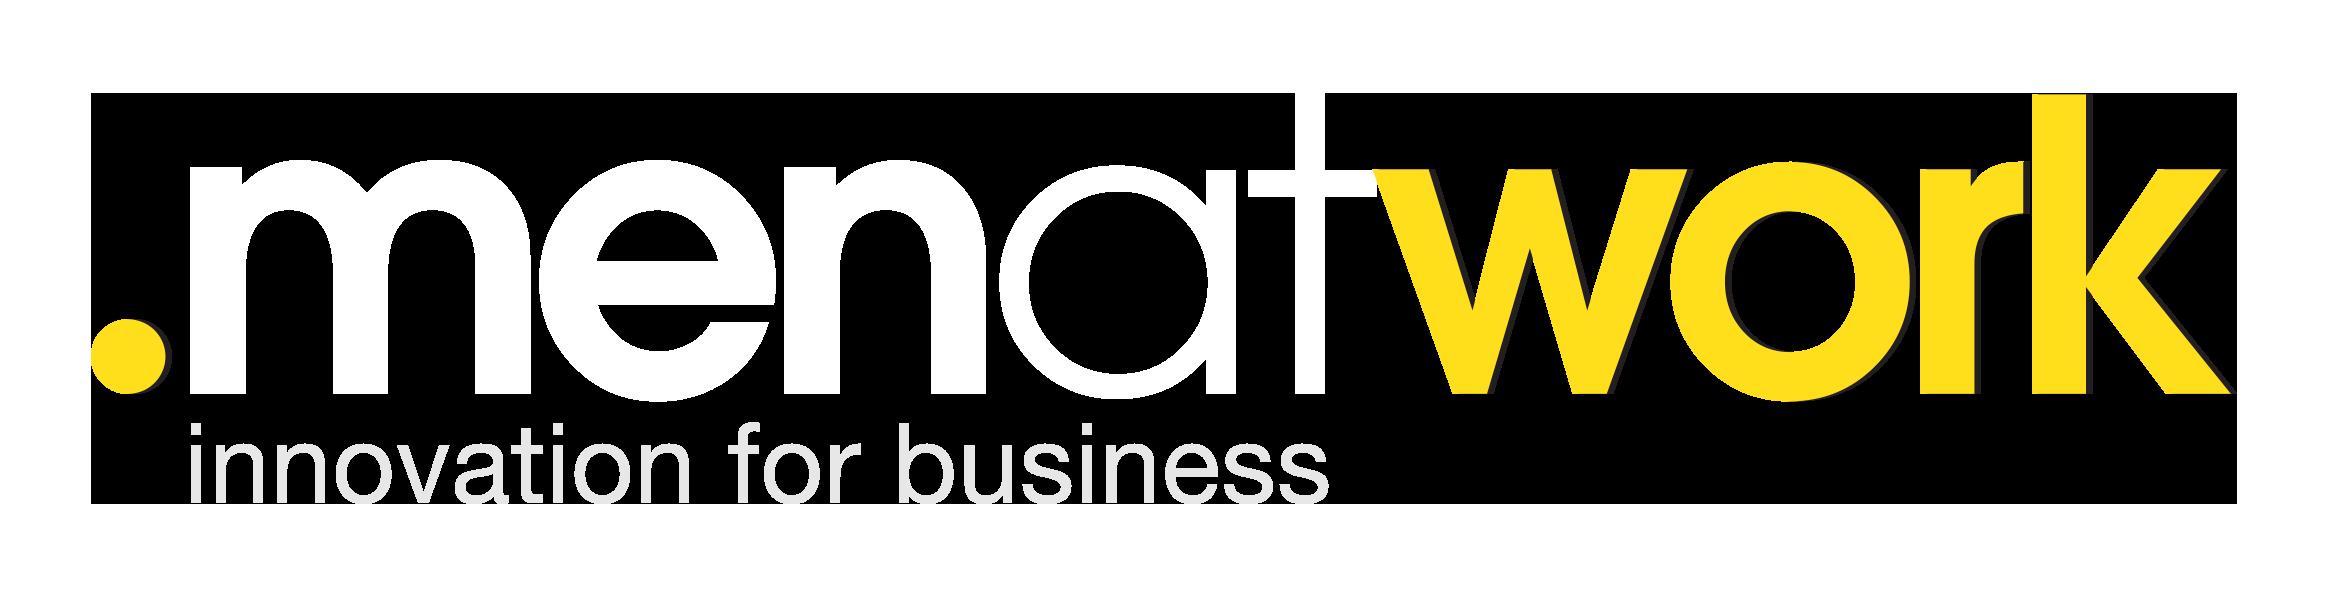 logo_300dpi_sfondo_nero_trasparente